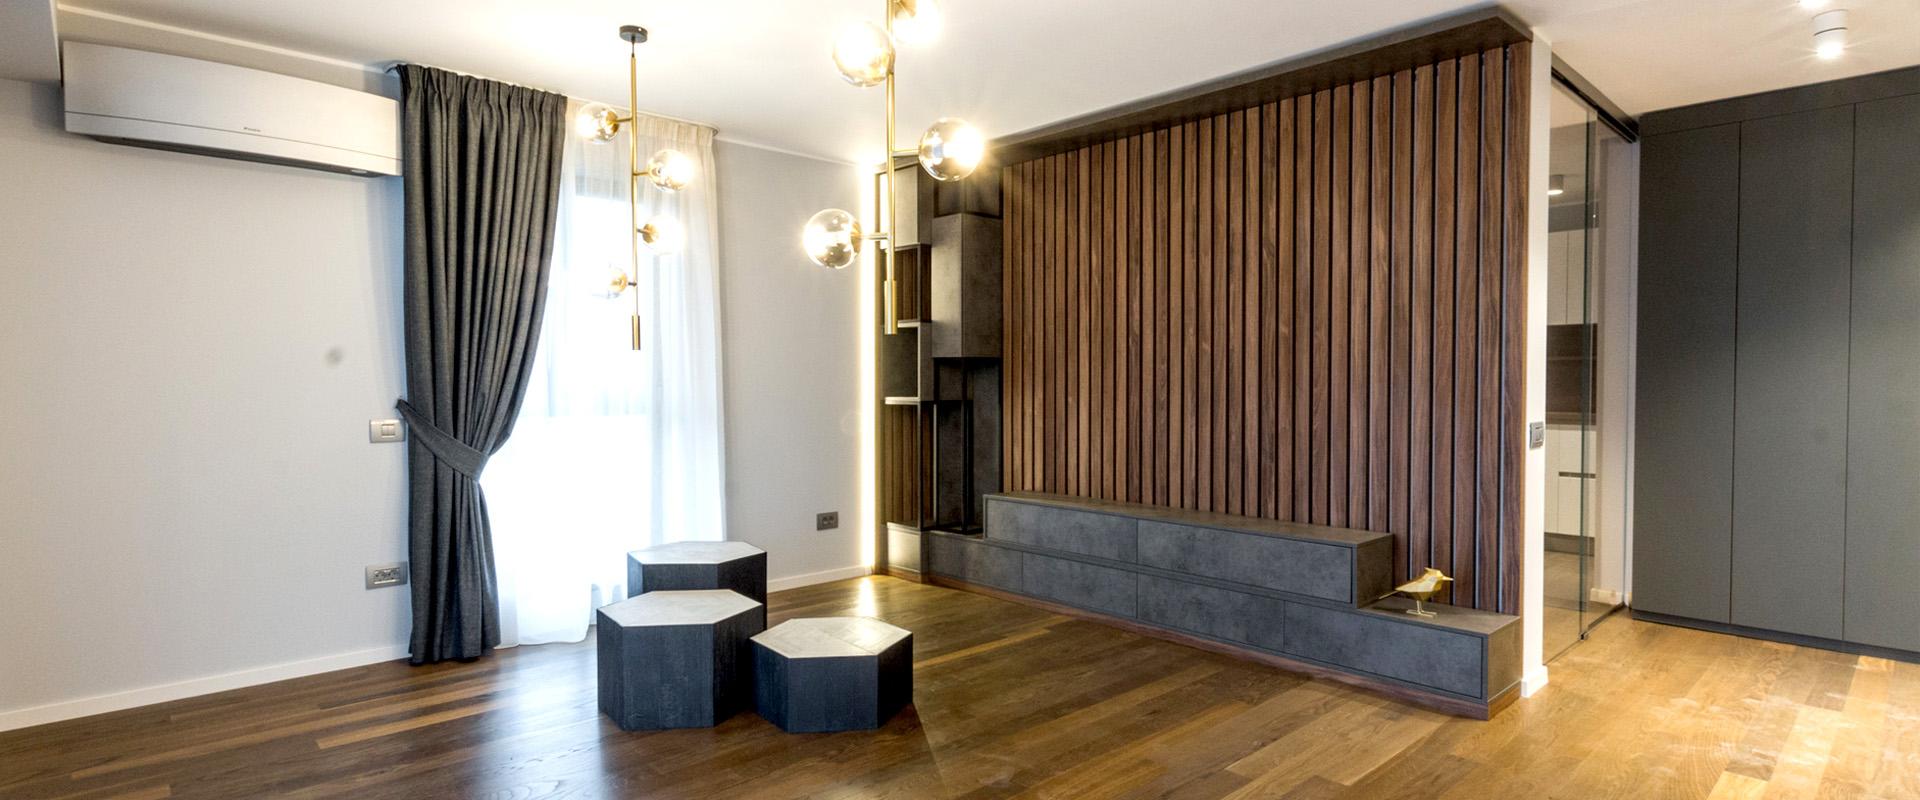 Vanzare apartament 3 camere | Premium, Vedere deschisa, Parcare | Iancu Nicolae  [ID: 1061920]